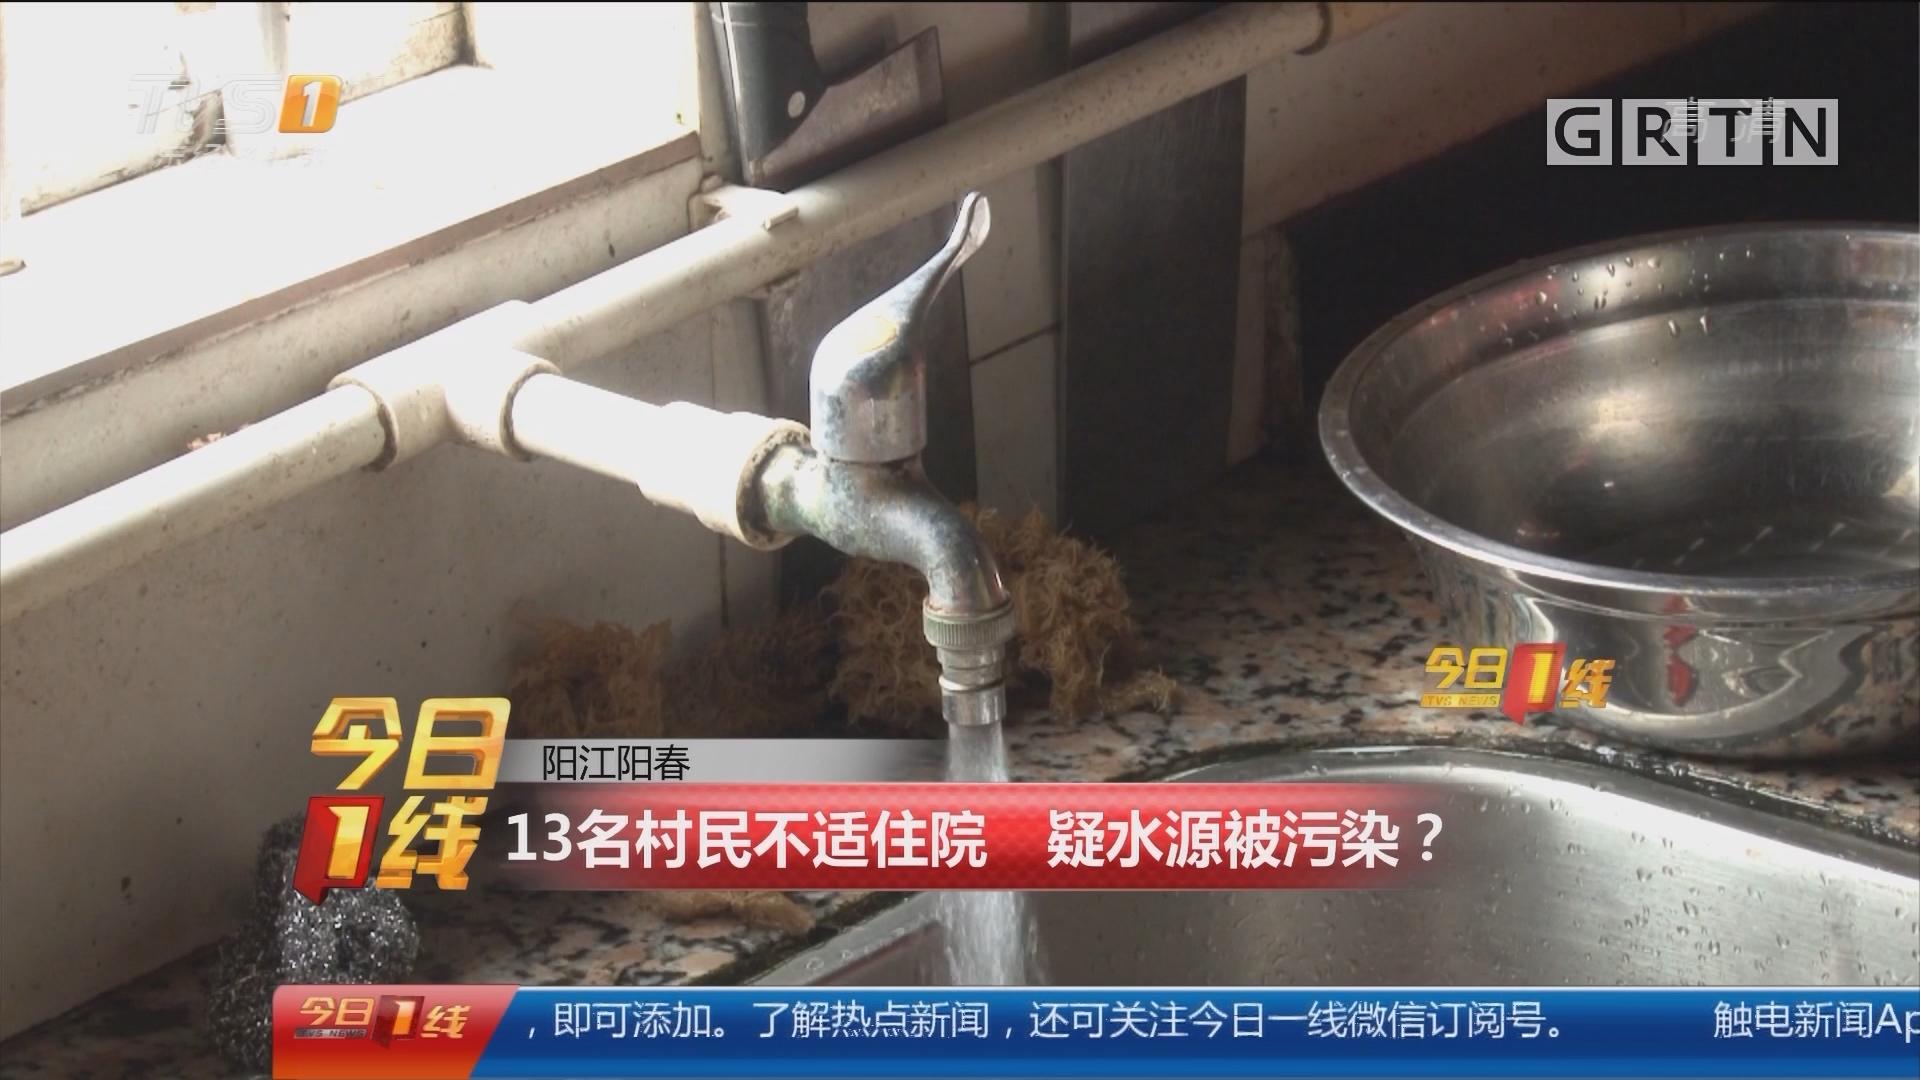 阳江阳春:13名村民不适住院 疑水源被污染?